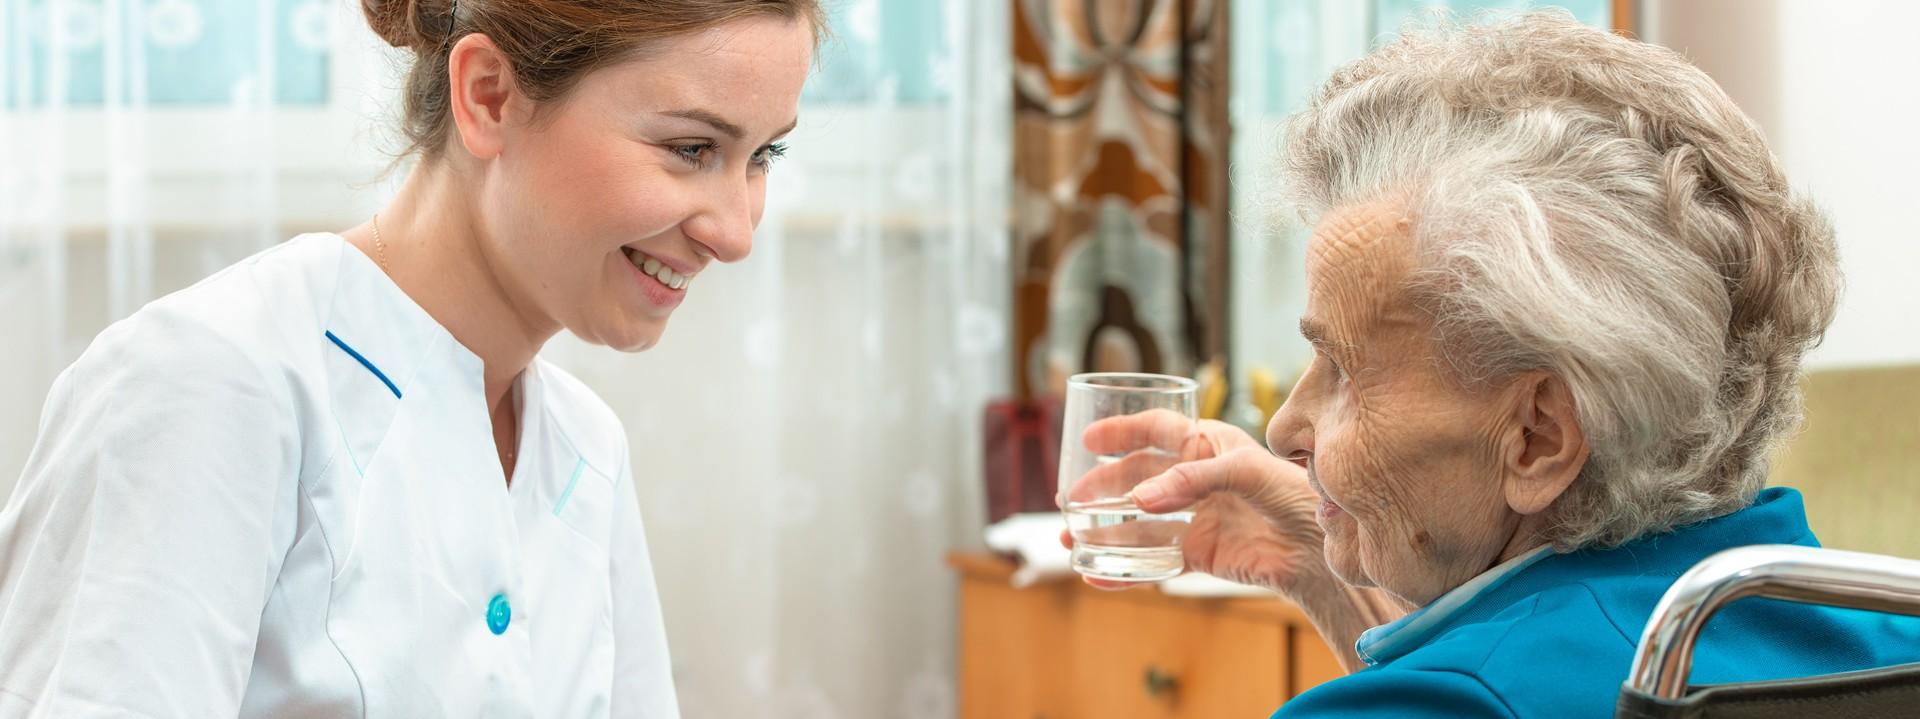 Pflegerin spricht mit Seniorin